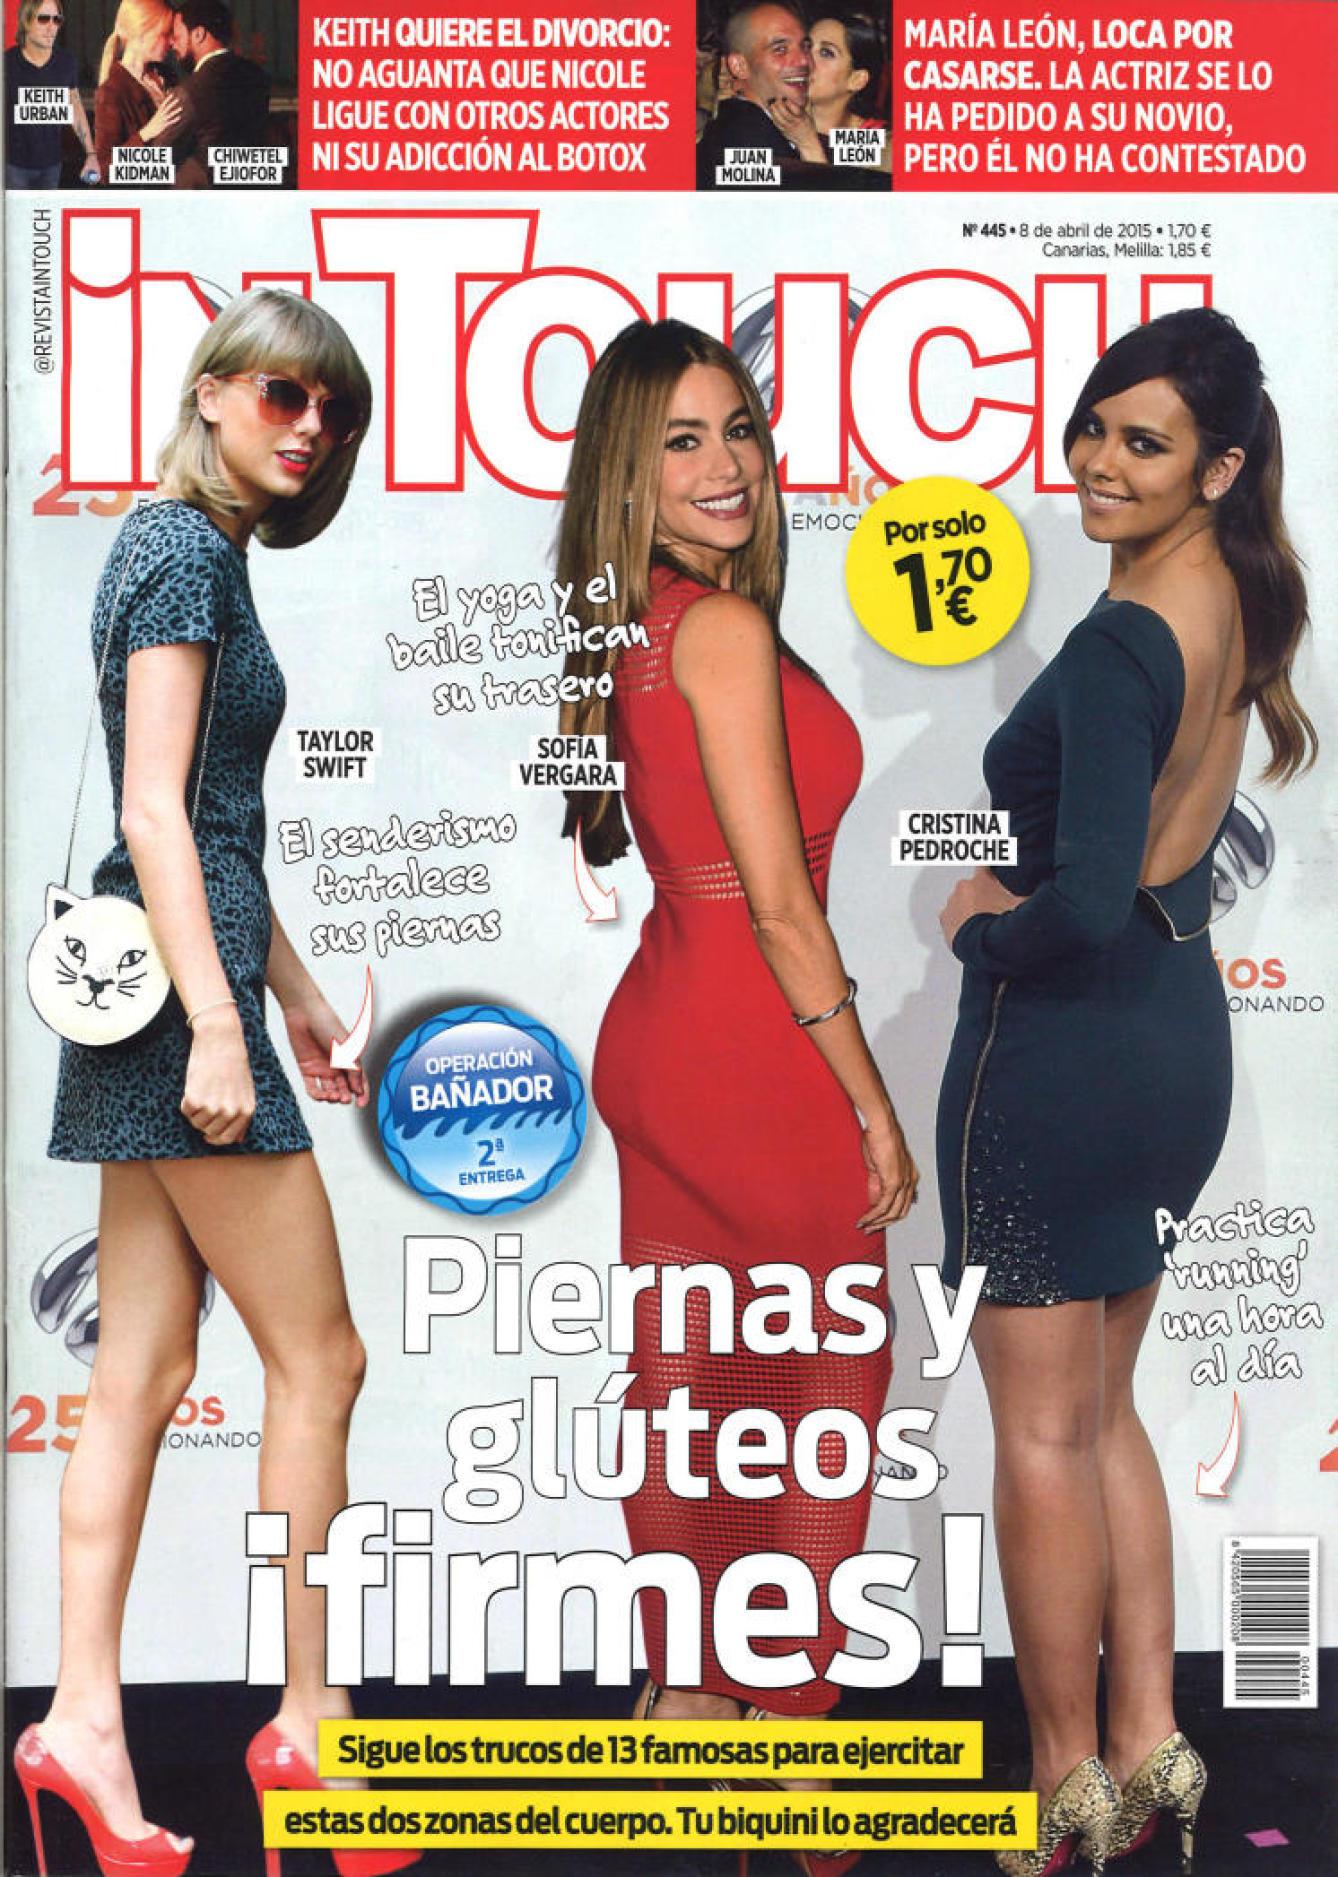 IN TOUCH portada 8 de Abril 2015